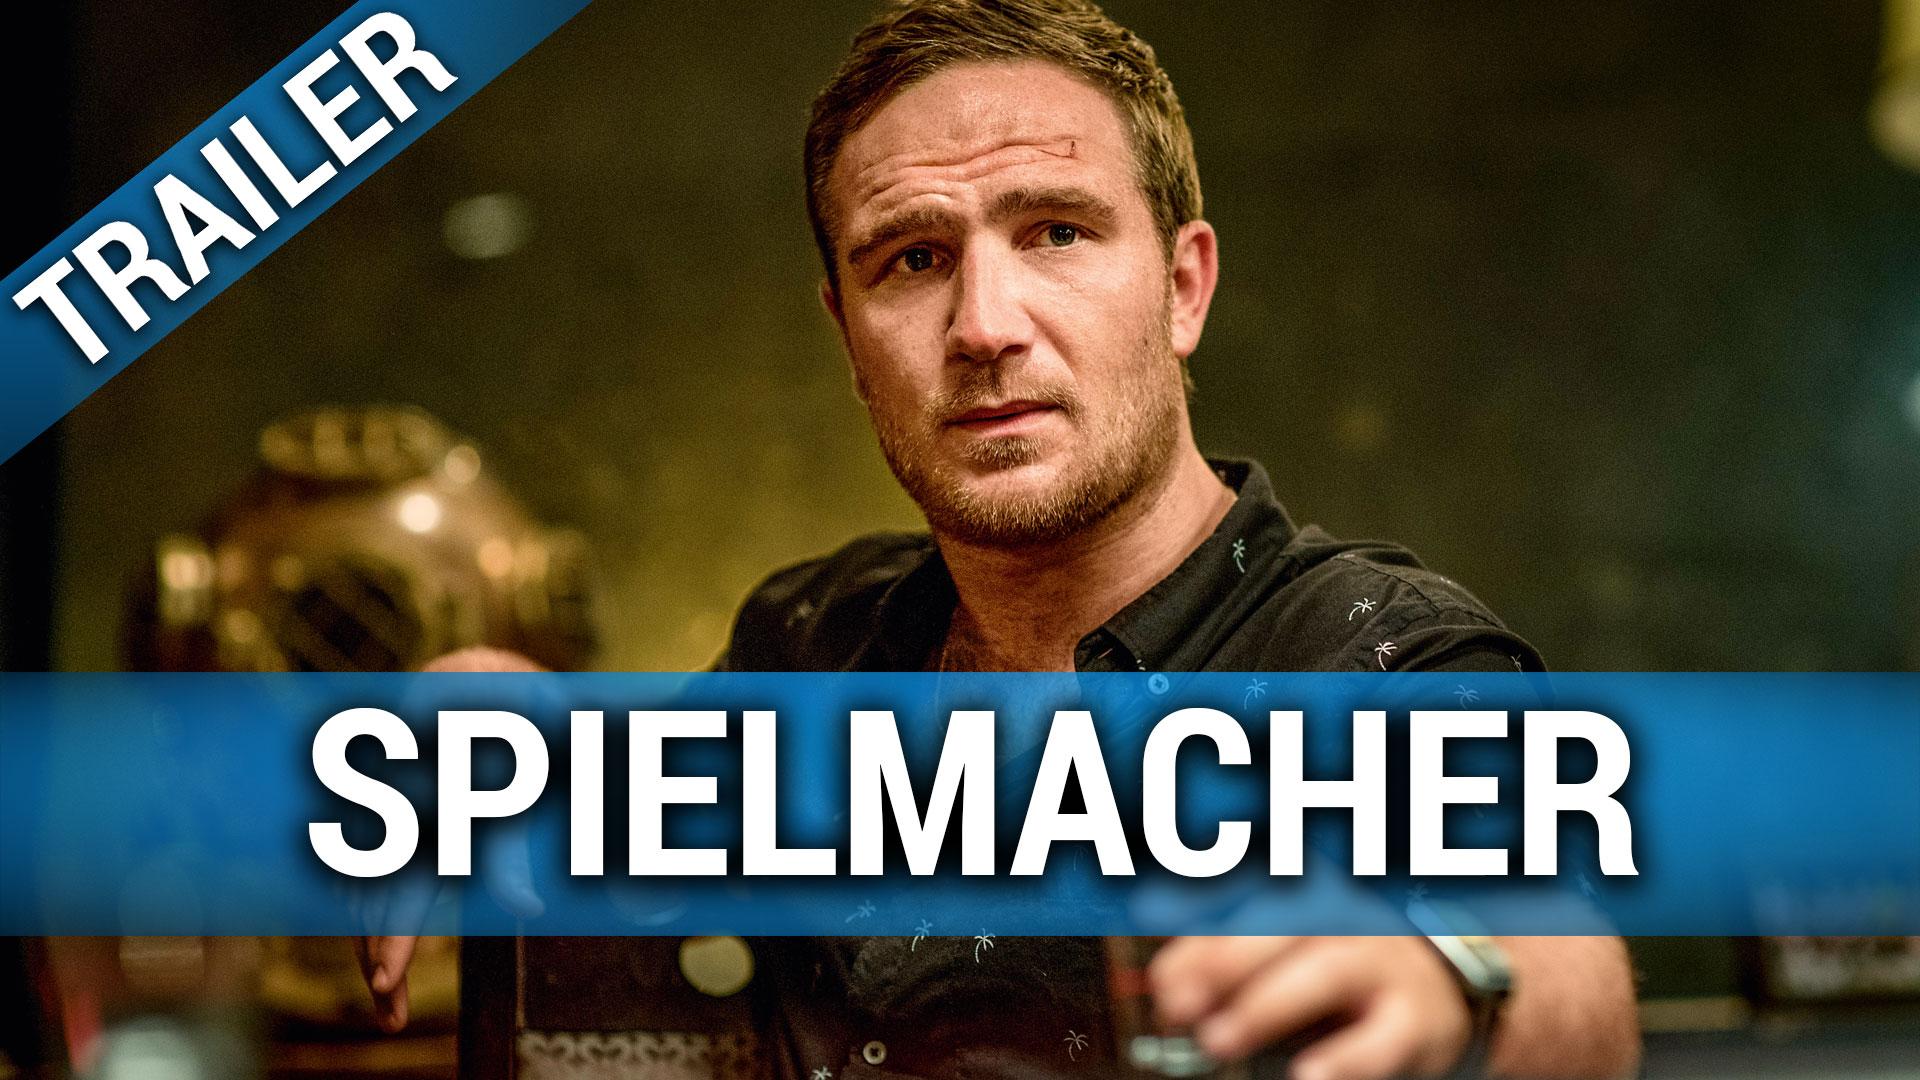 Spielmacher Film 2018 Trailer Kritik Kinode